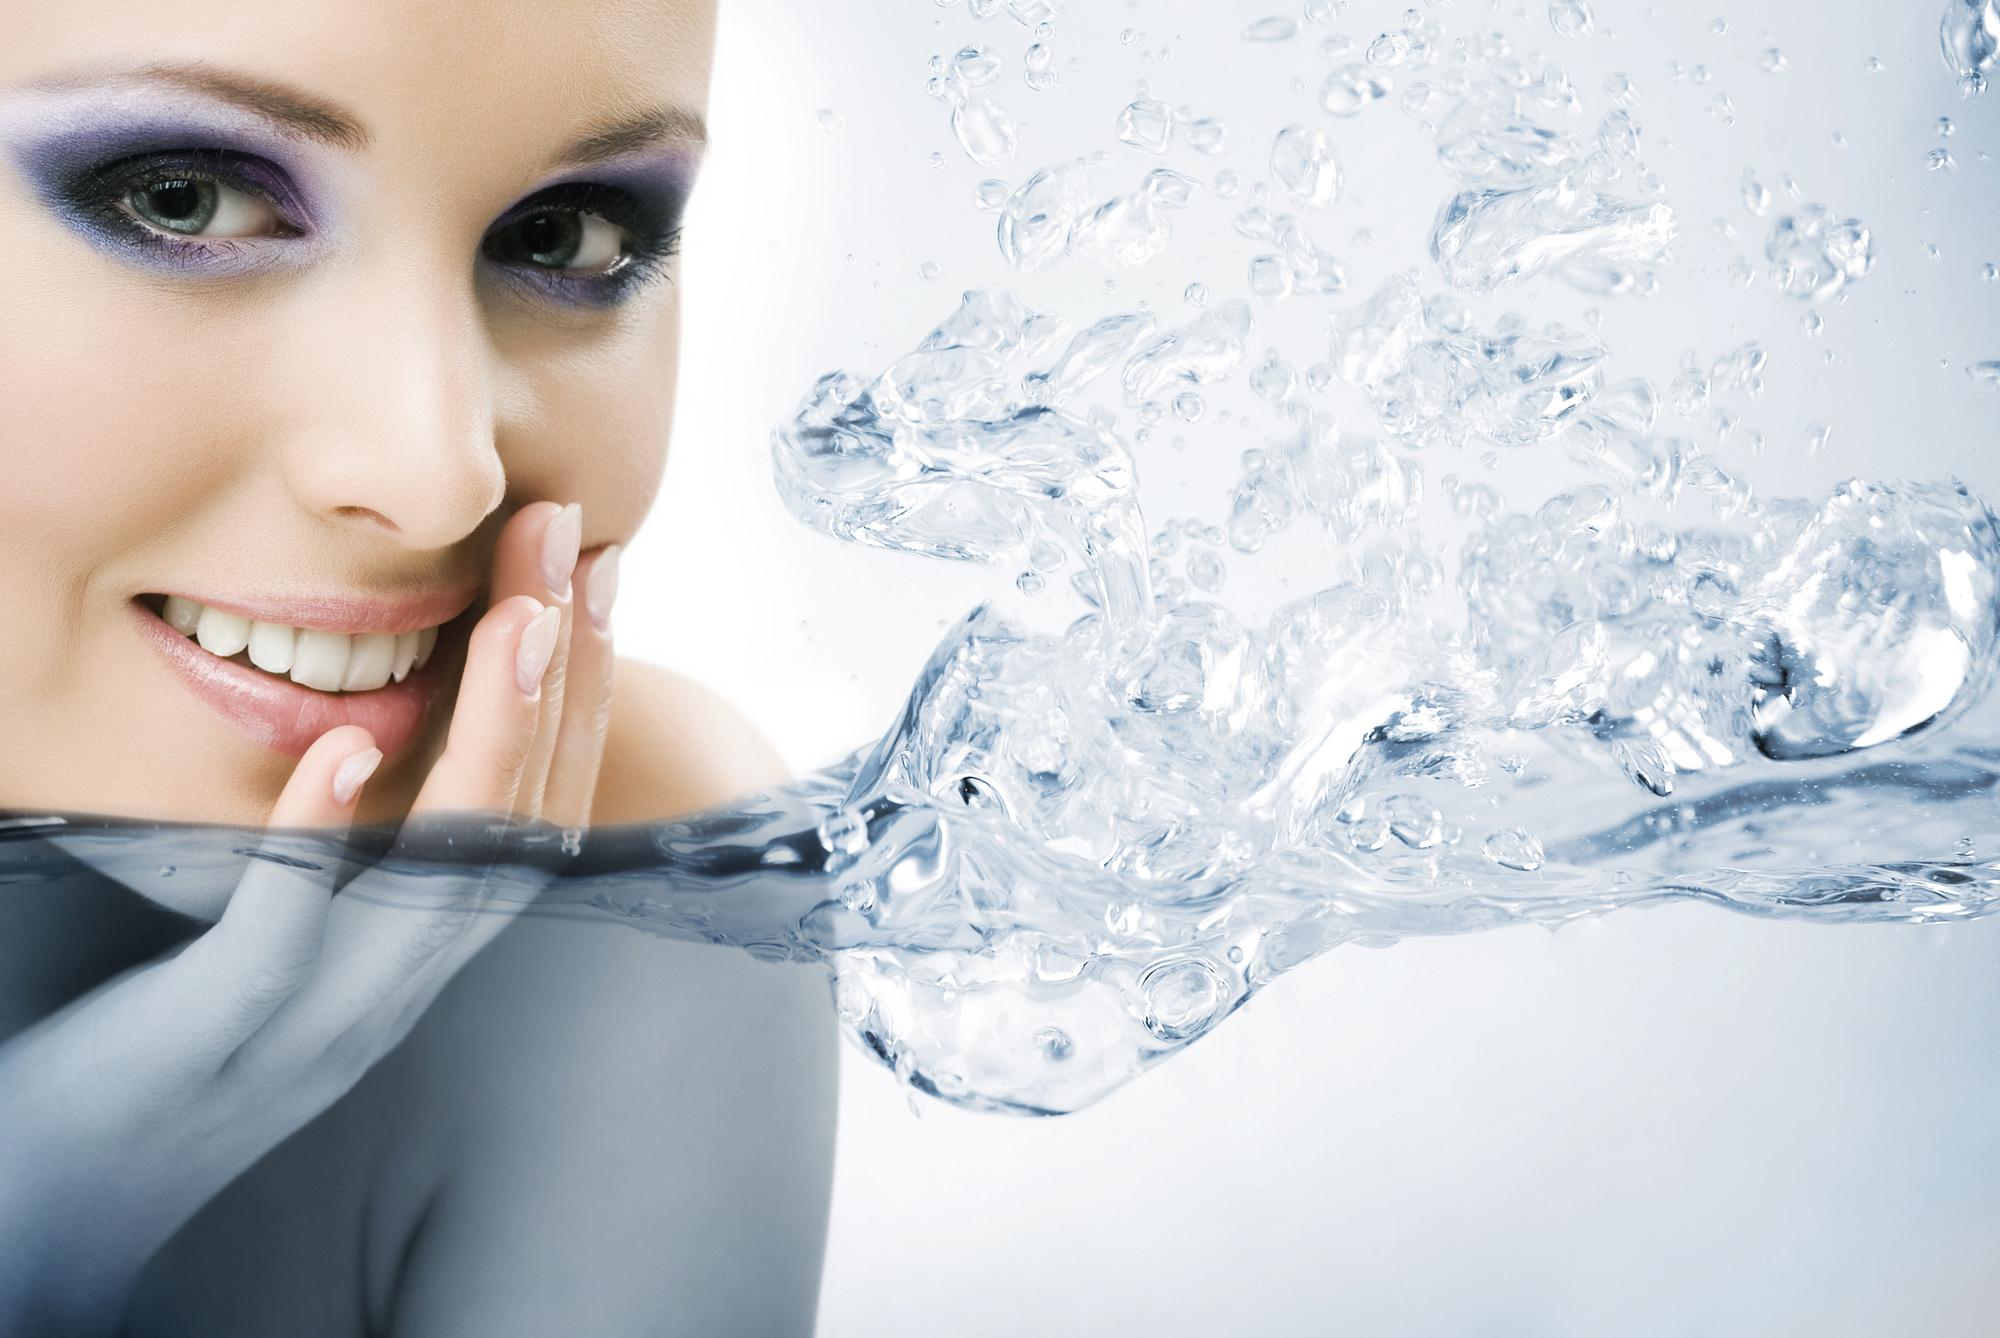 Представляем вам новый продукт, мицеллярную воду Аminomicell, которая входит в комплекс для профессиональной подготовки перед окрашиванием бровей от PLEYANA